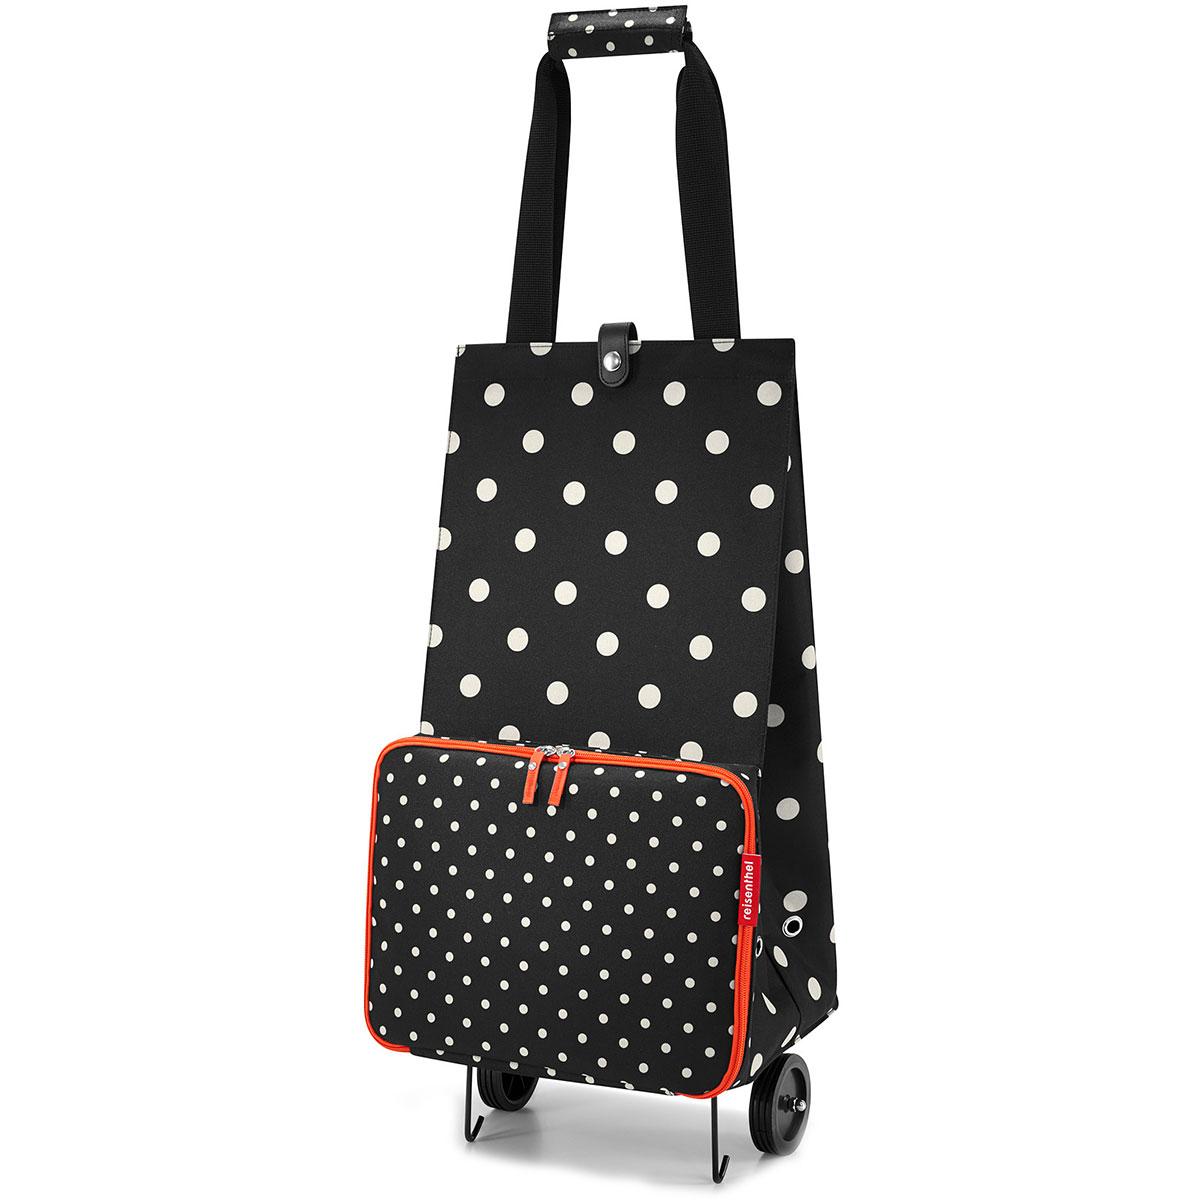 88ec2da4280ed Torby i koszyki na zakupy, torby ekologiczne | sklep internetowy  GaleriaLimonka.pl